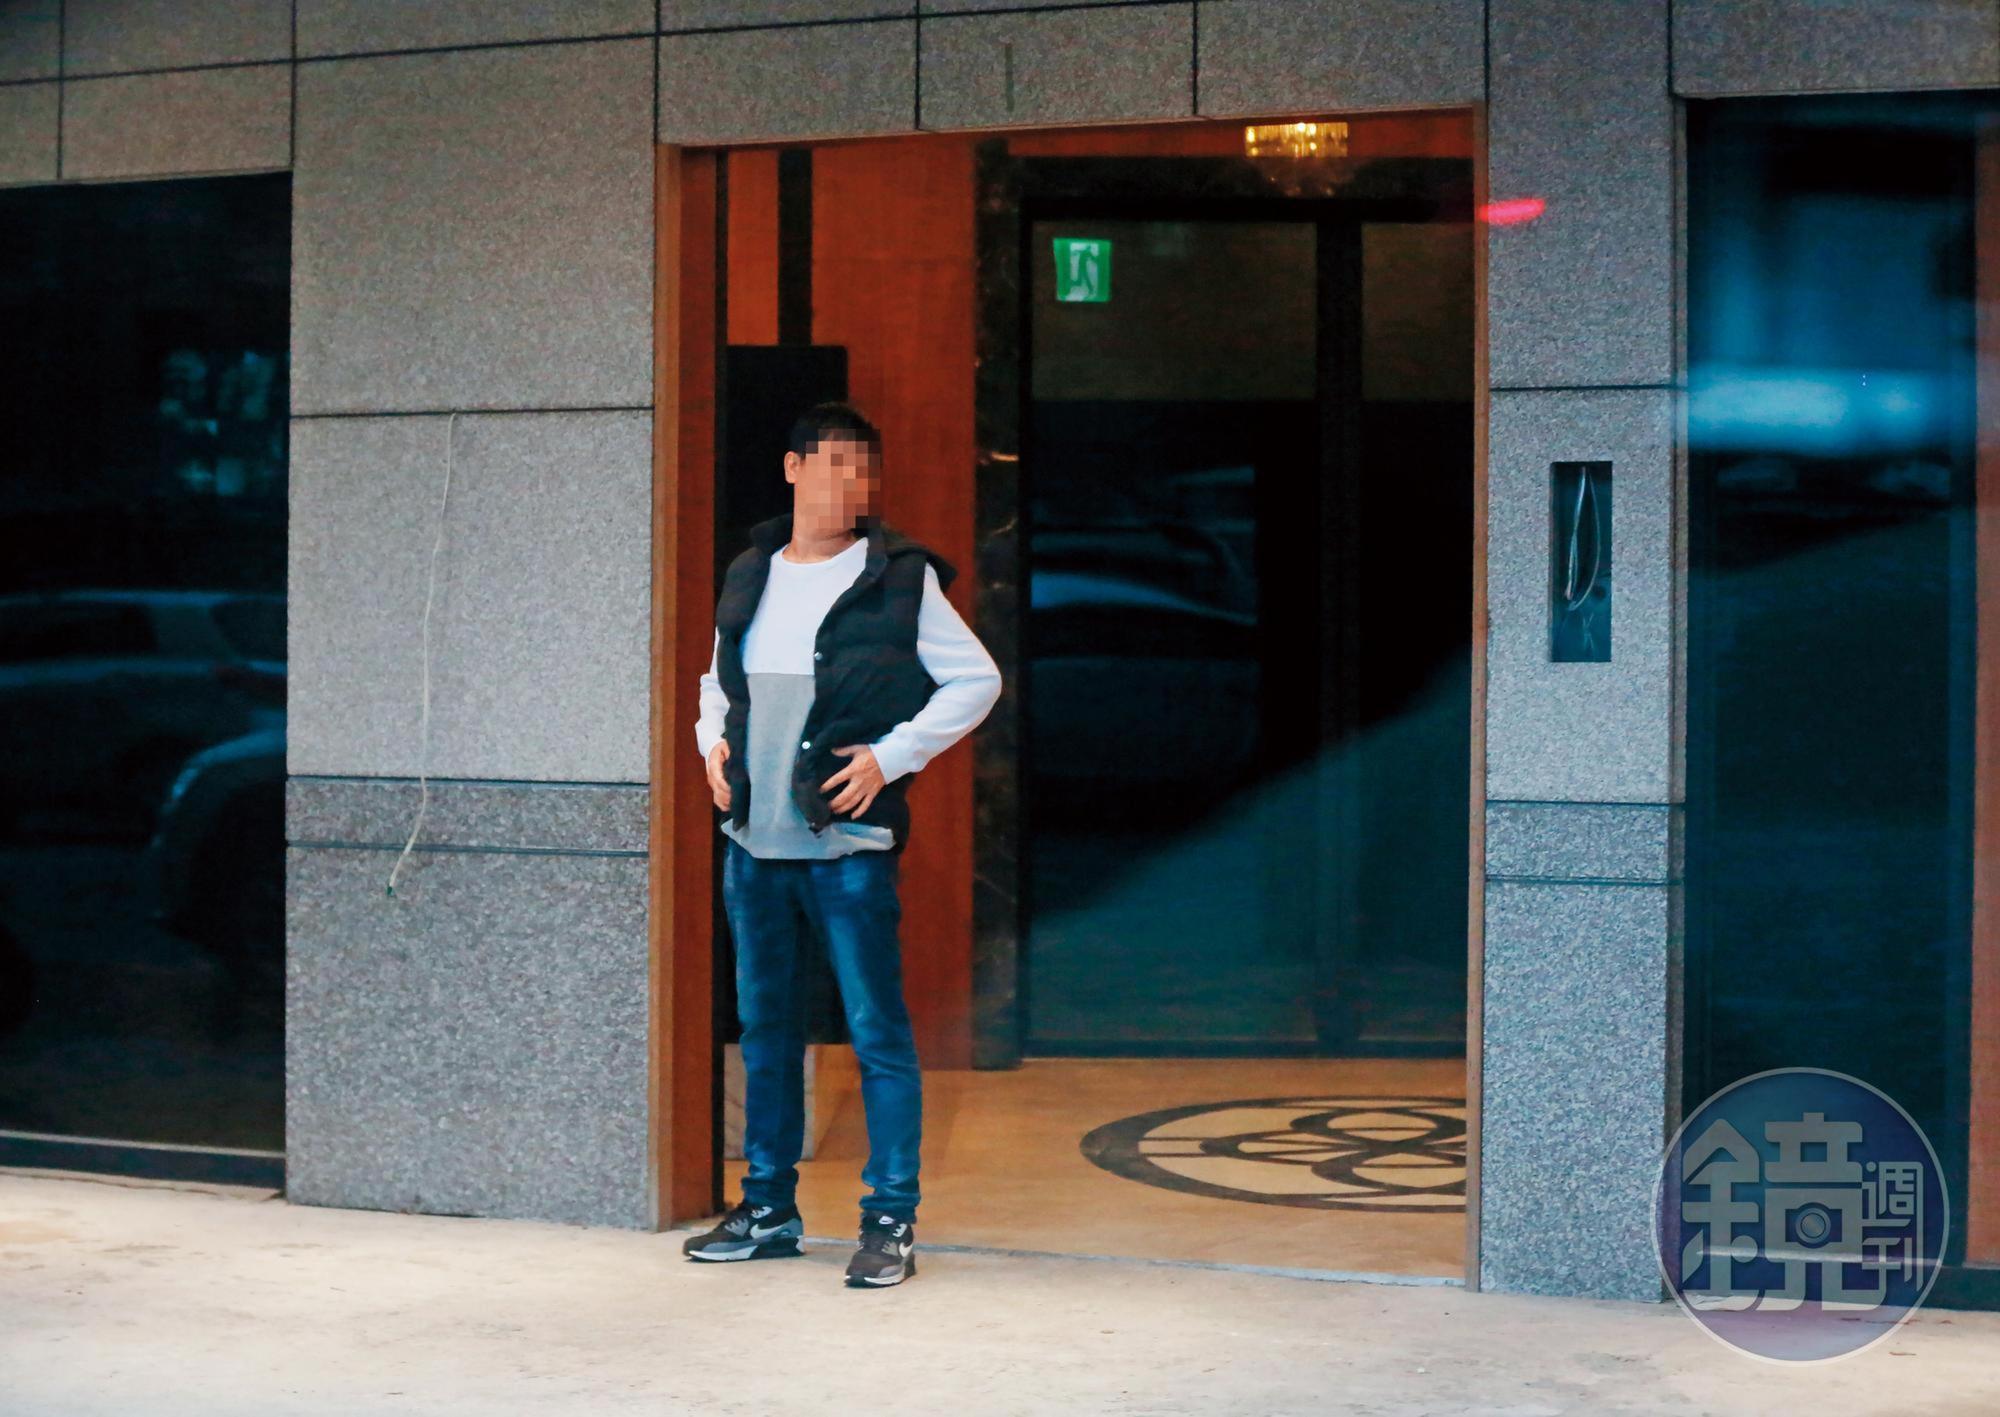 基隆海吉市大樓出現不明人士看管,買家付了數百萬元不得其門而入。圖為大廳不明人士。